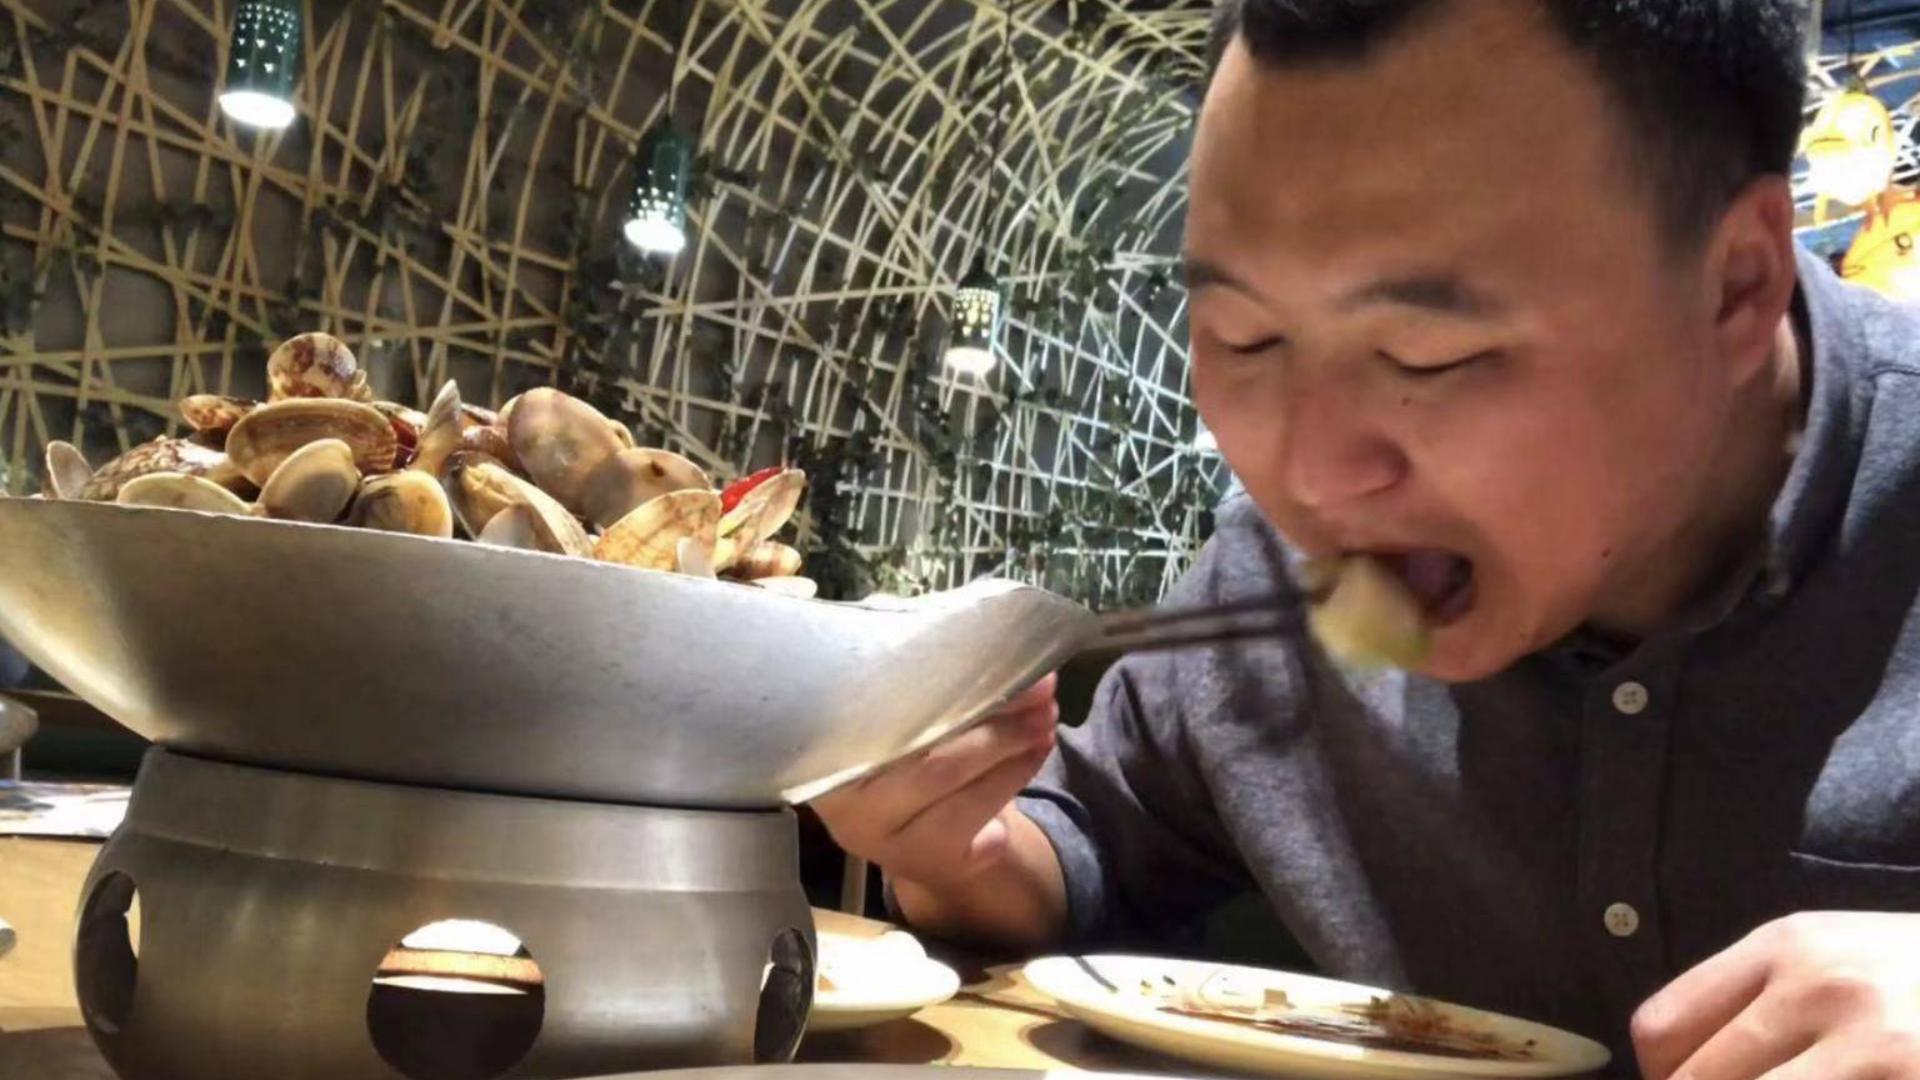 小伙去吃饺子、两份饺子一份花甲、一份大拉皮吃的过瘾!